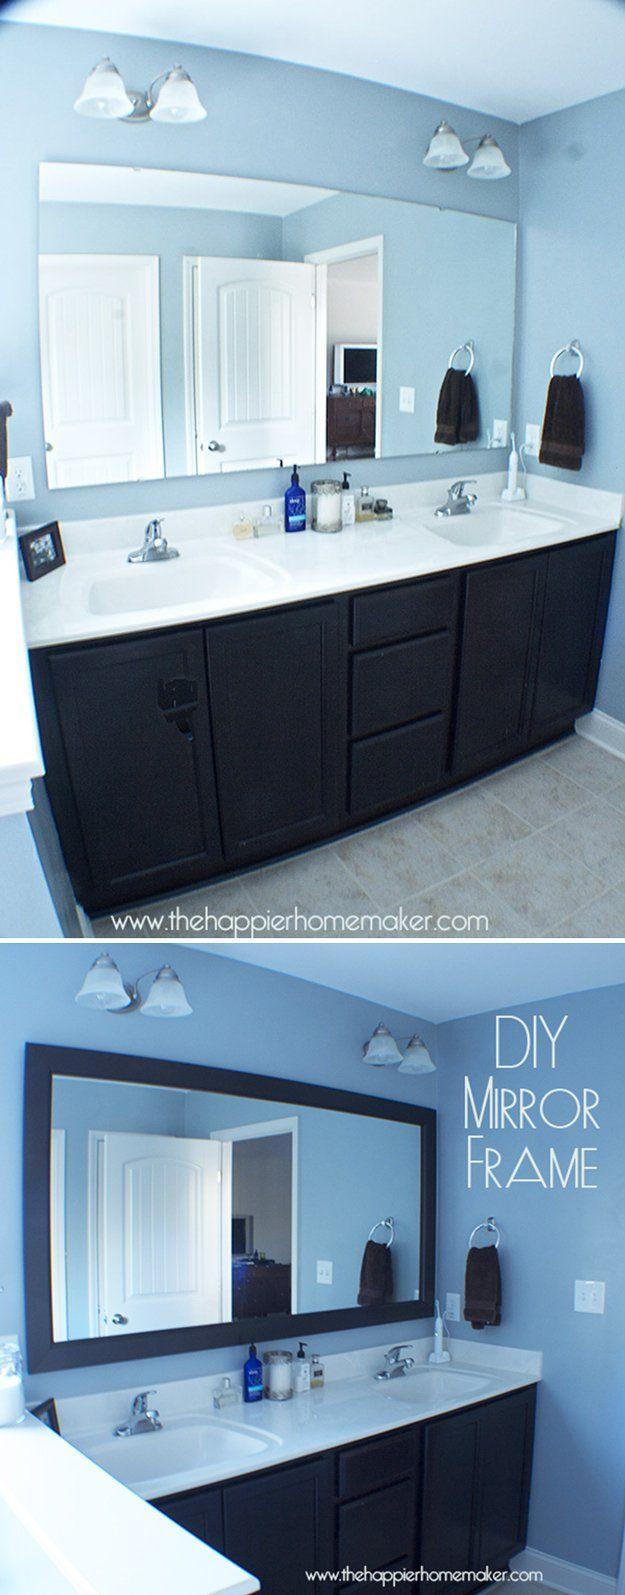 112 best bathroom ideas images on Pinterest | Bathrooms, Bathroom ...